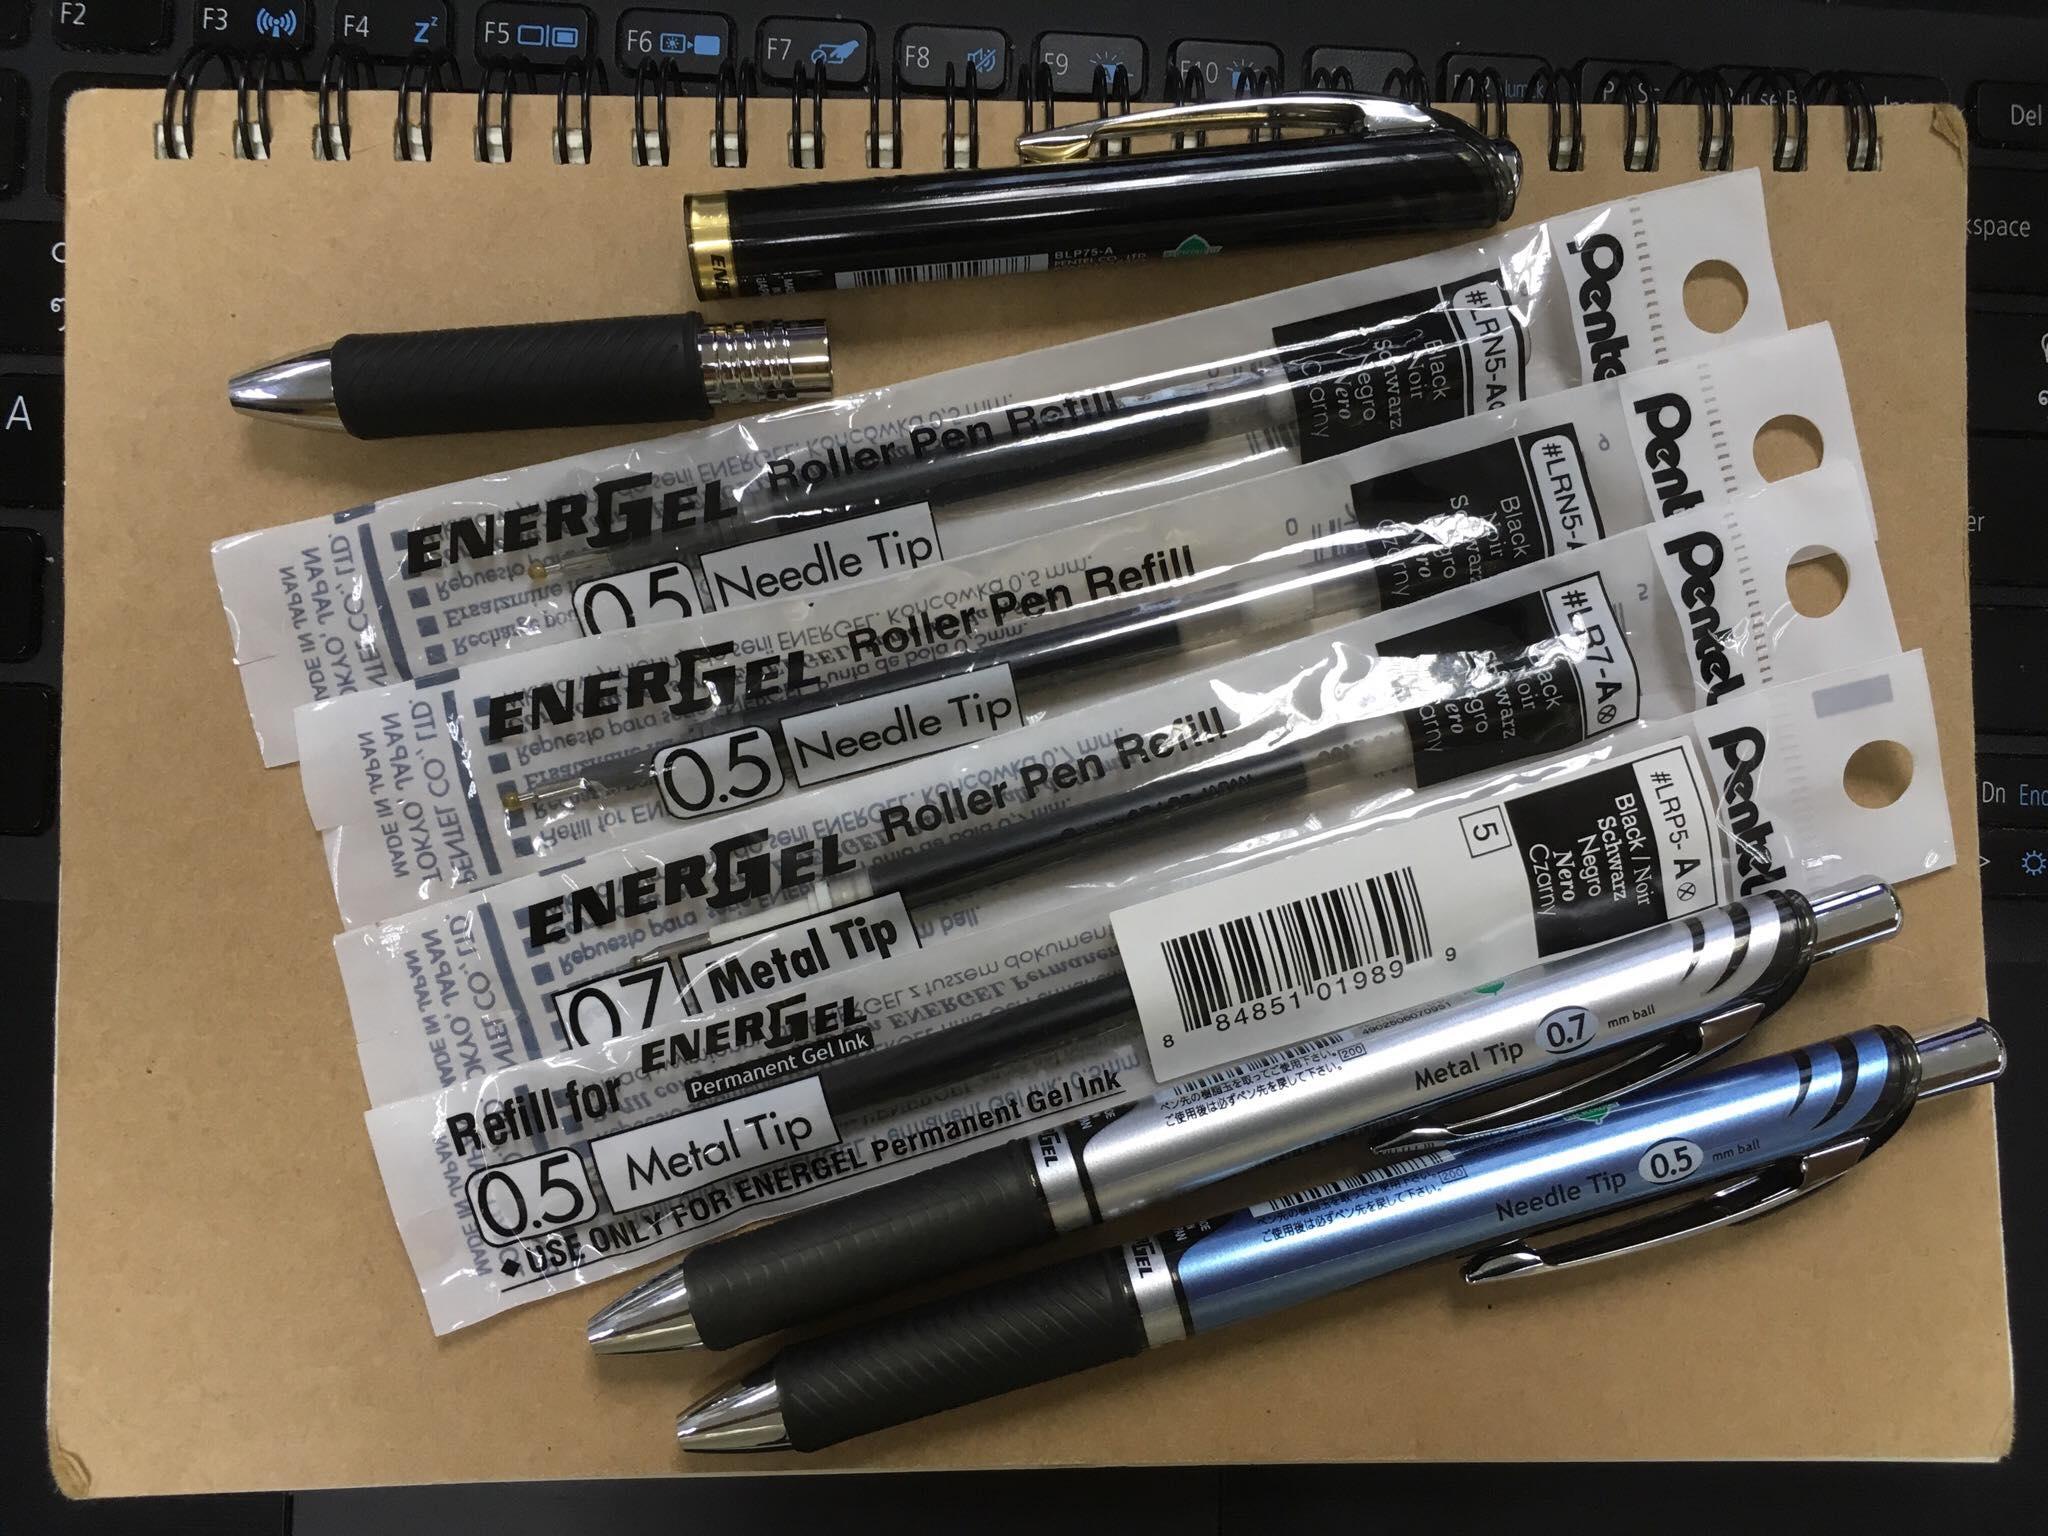 ไส้ปากกาเปลี่ยนโลก